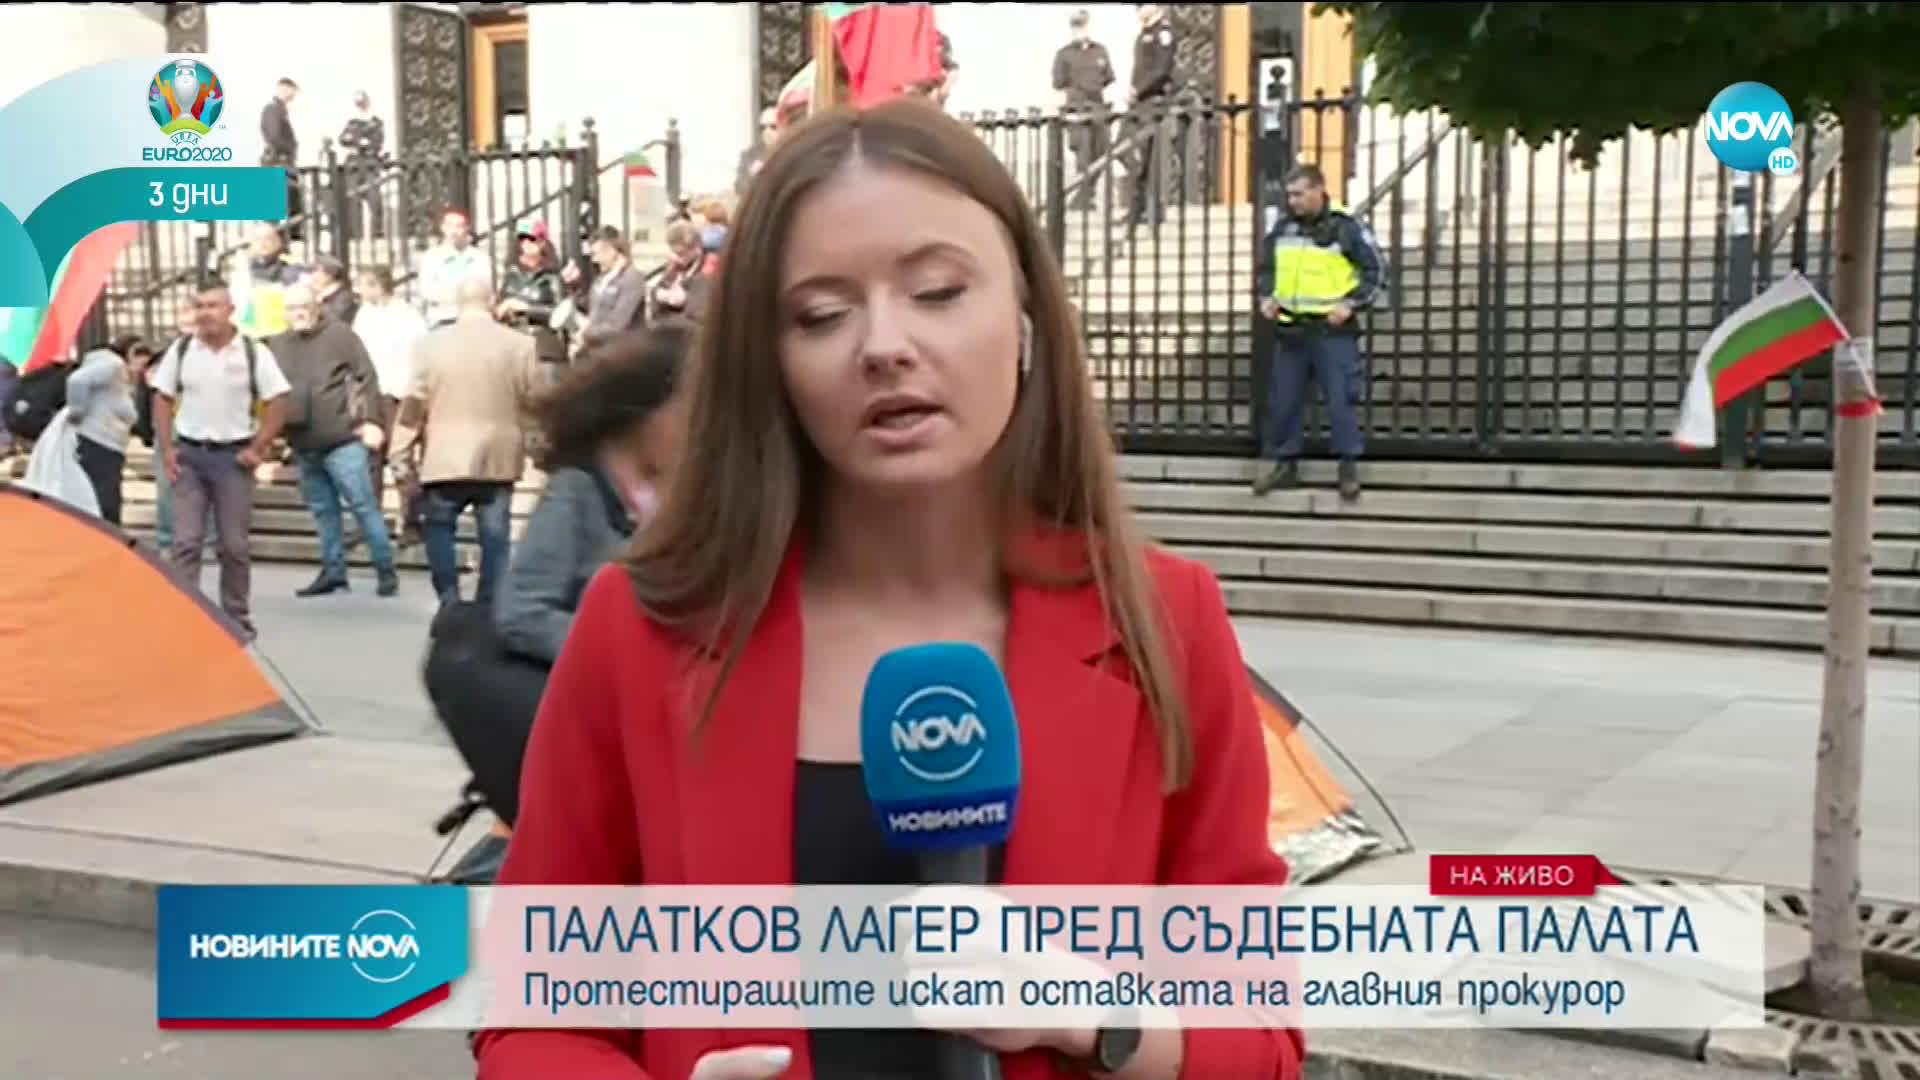 Протестиращи опънаха палатков лагер пред Съдебната палата в София